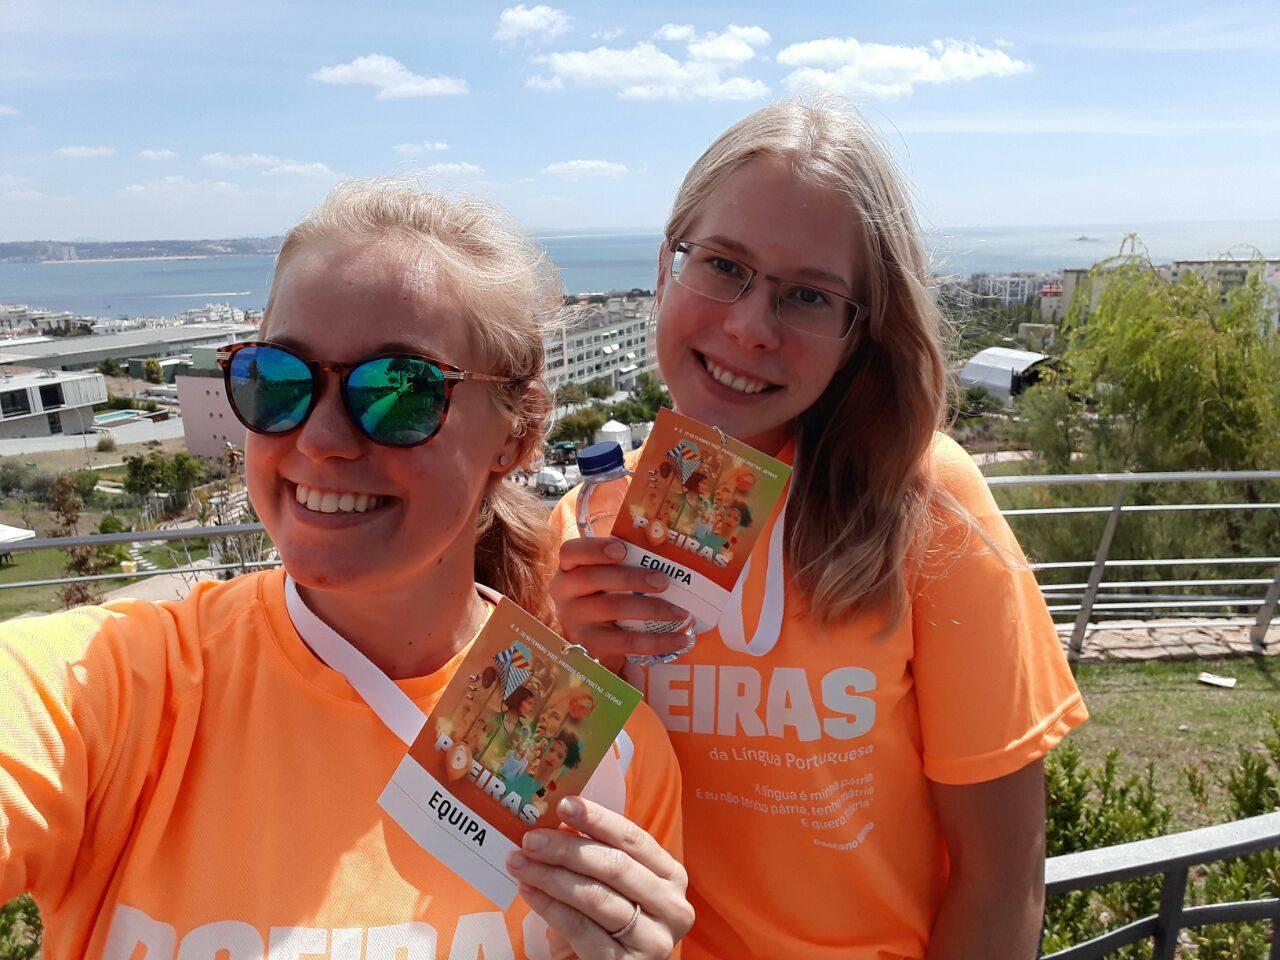 anu annus vabatahtlik teenistus european voluntary service portugal